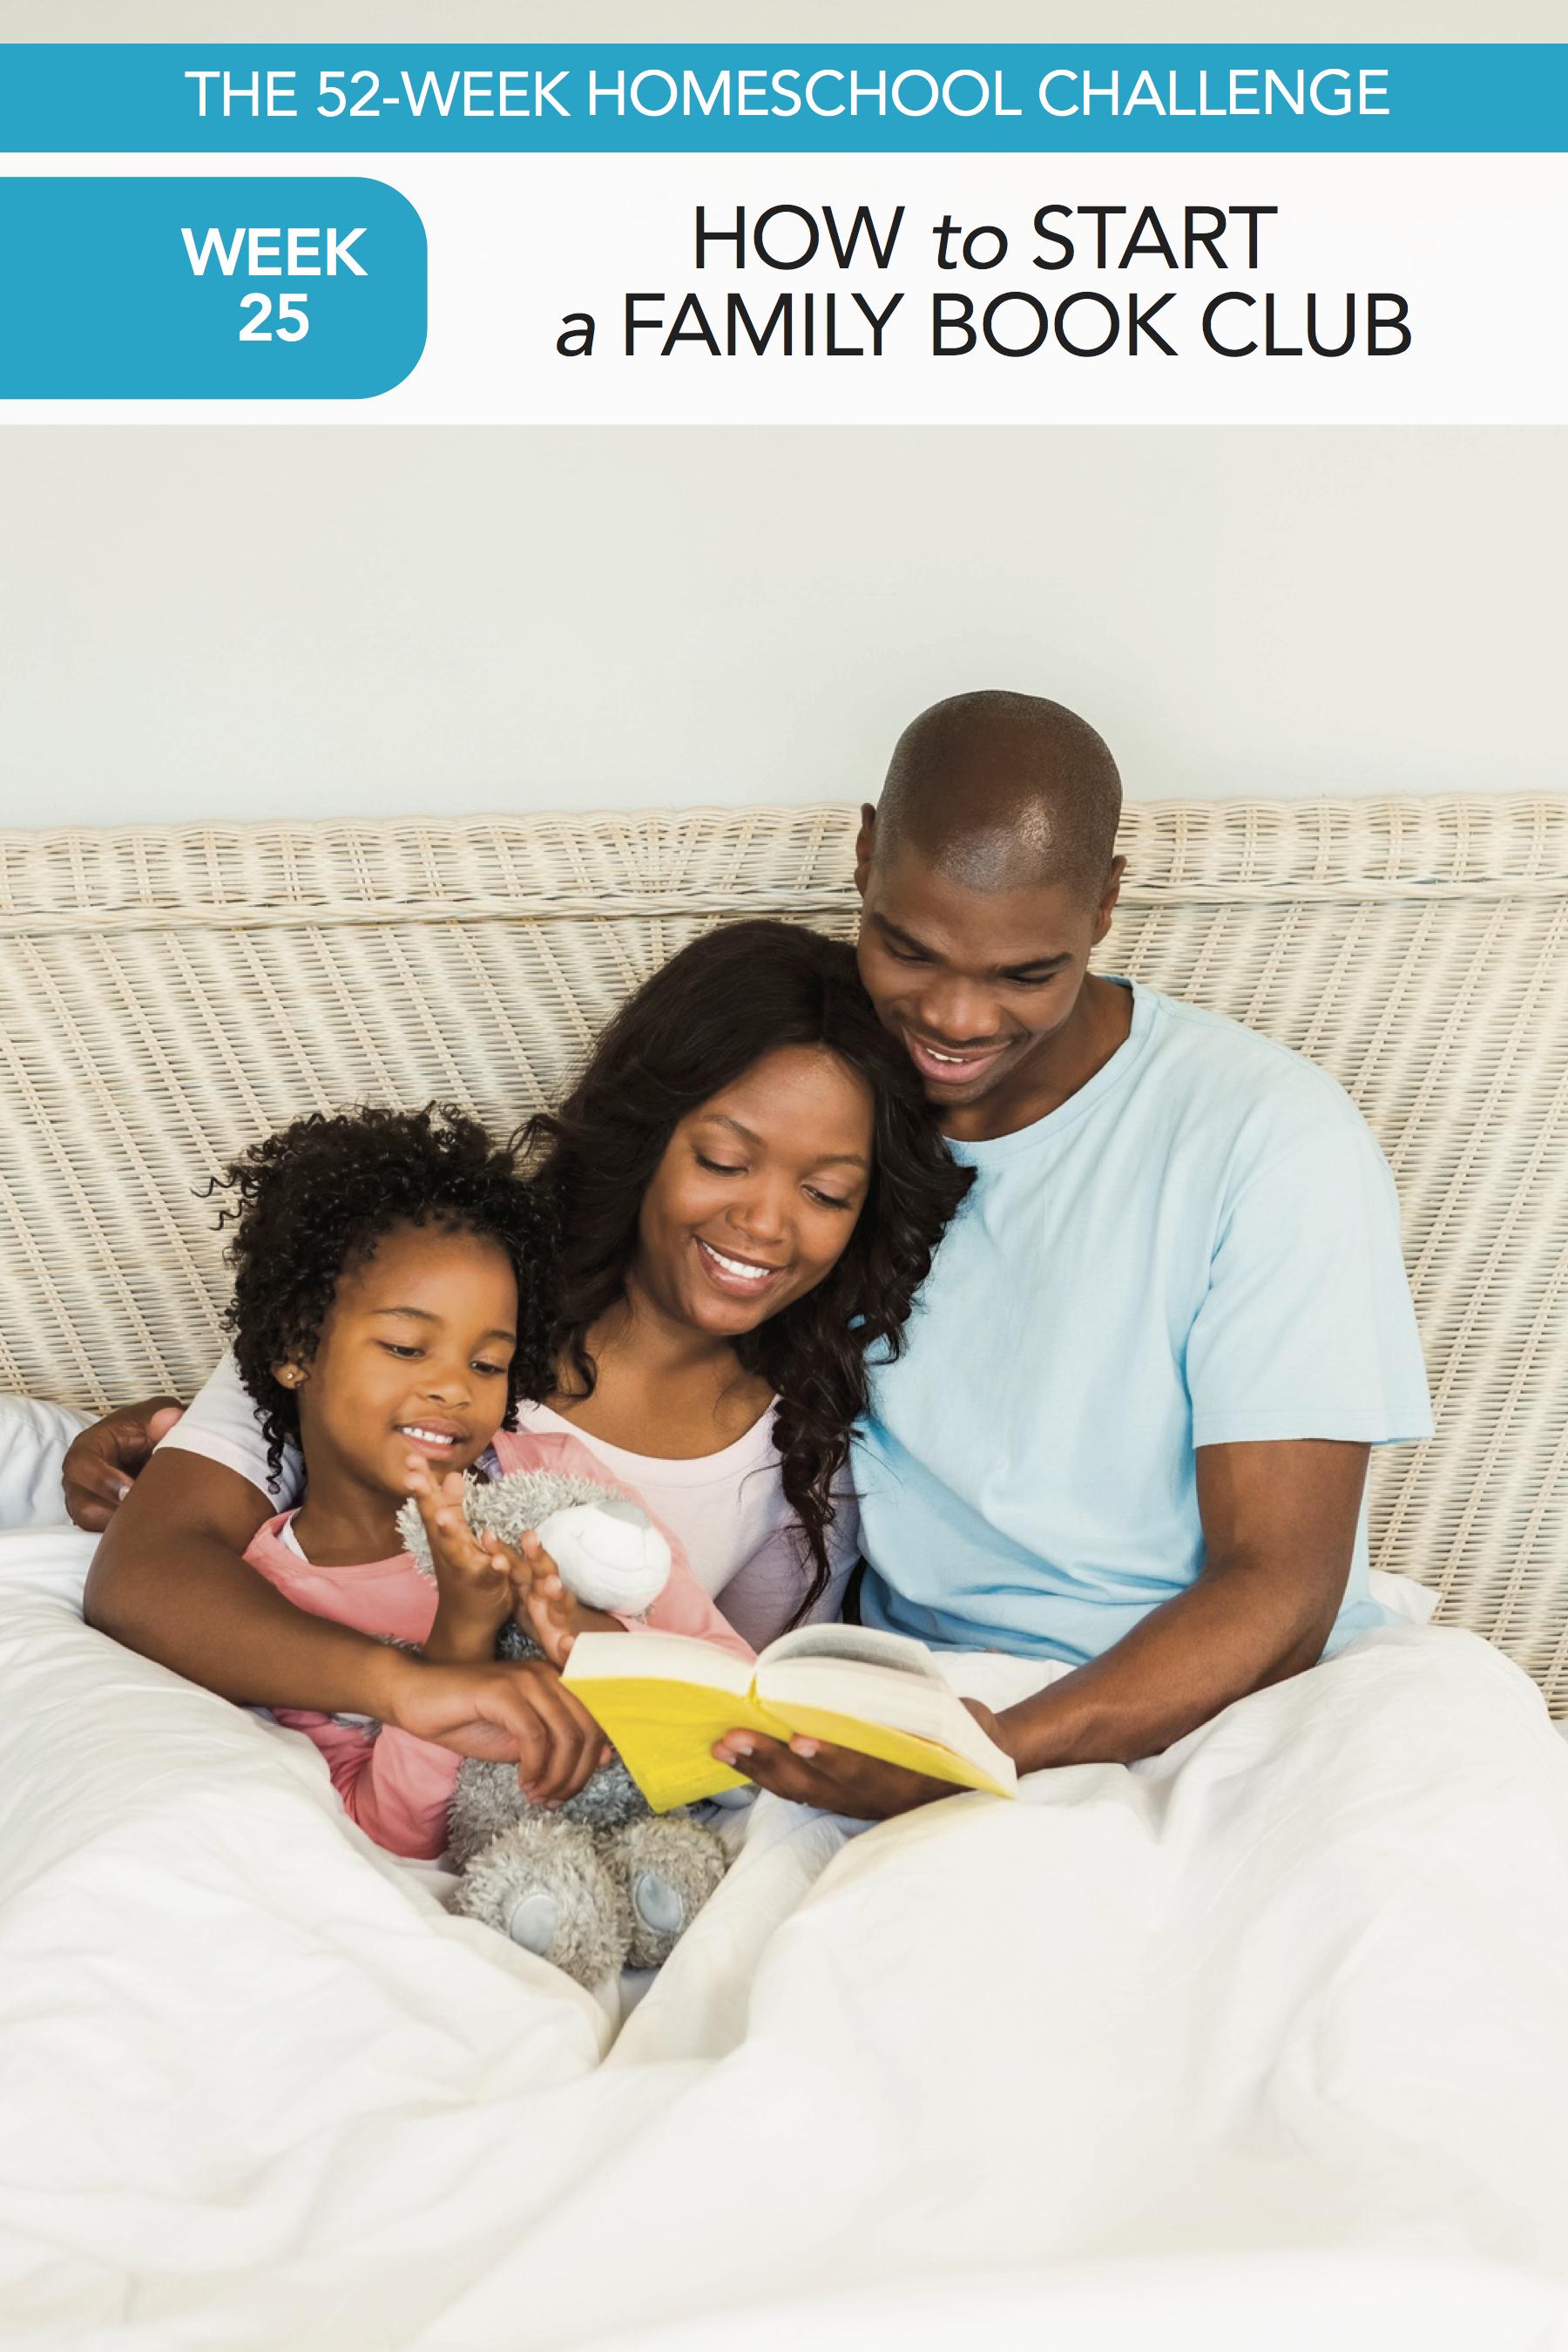 52 Weeks of Happier Homeschooling Week 25: Start a Family Book Club